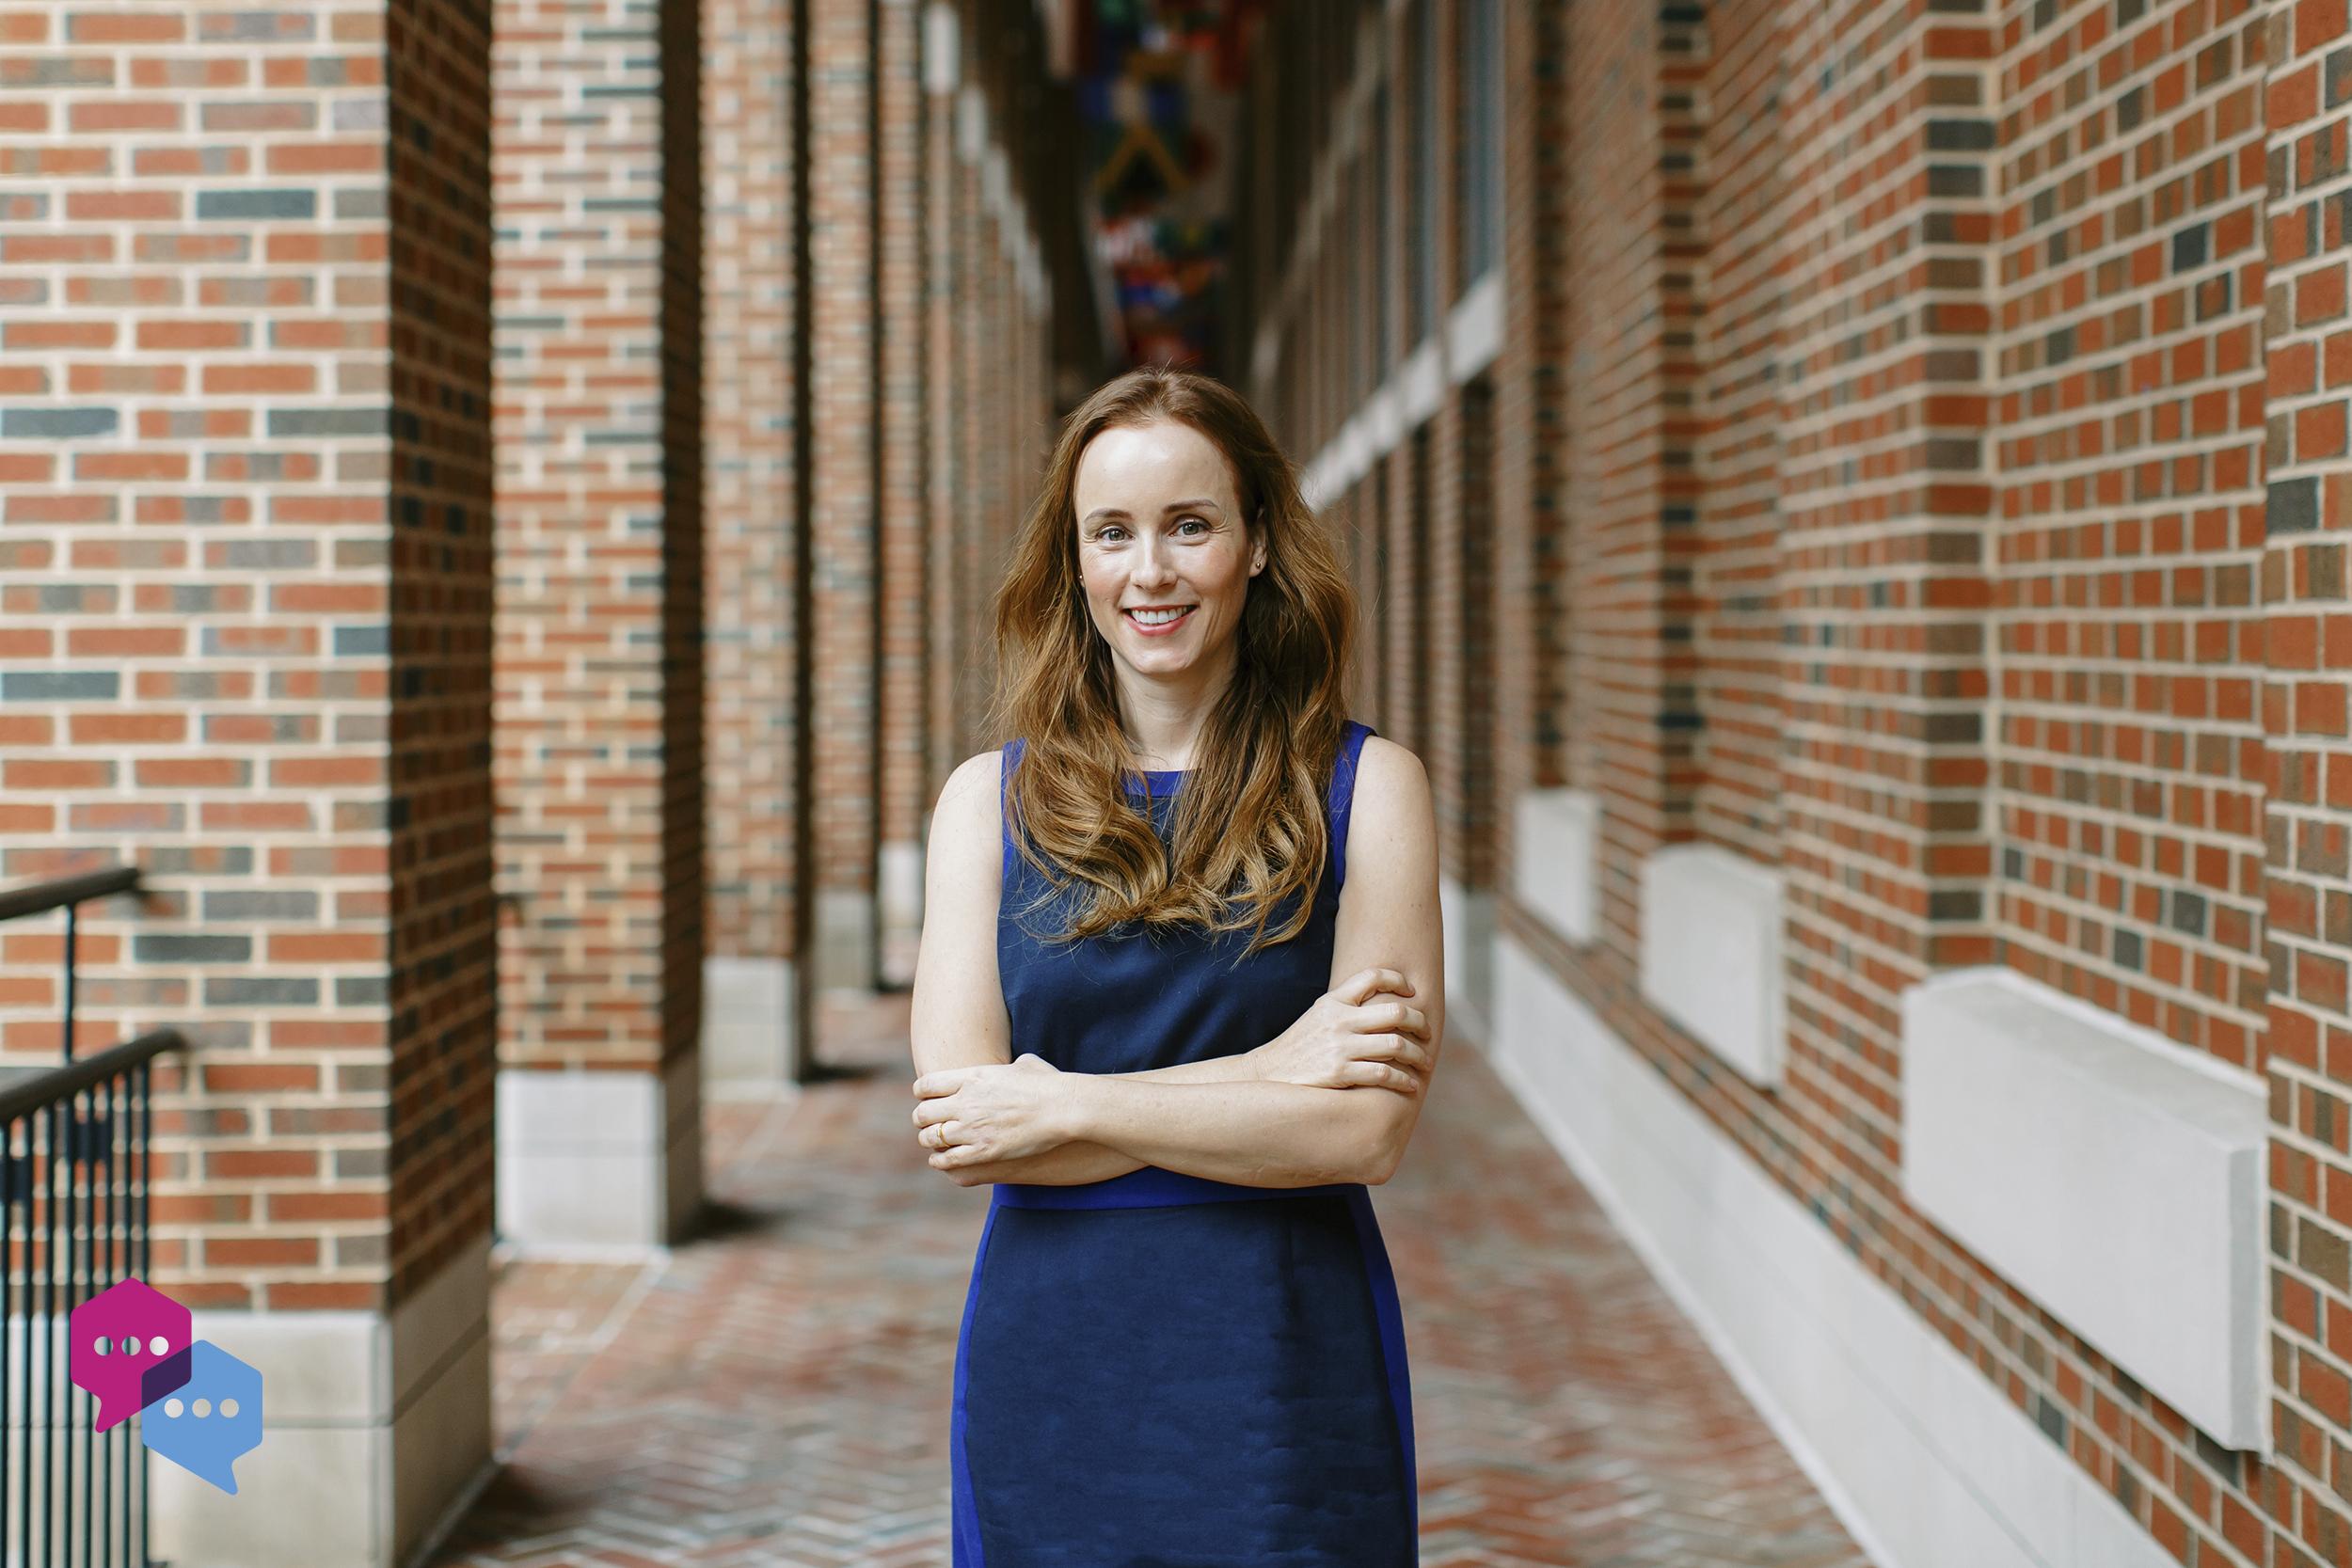 Paige Ouimet